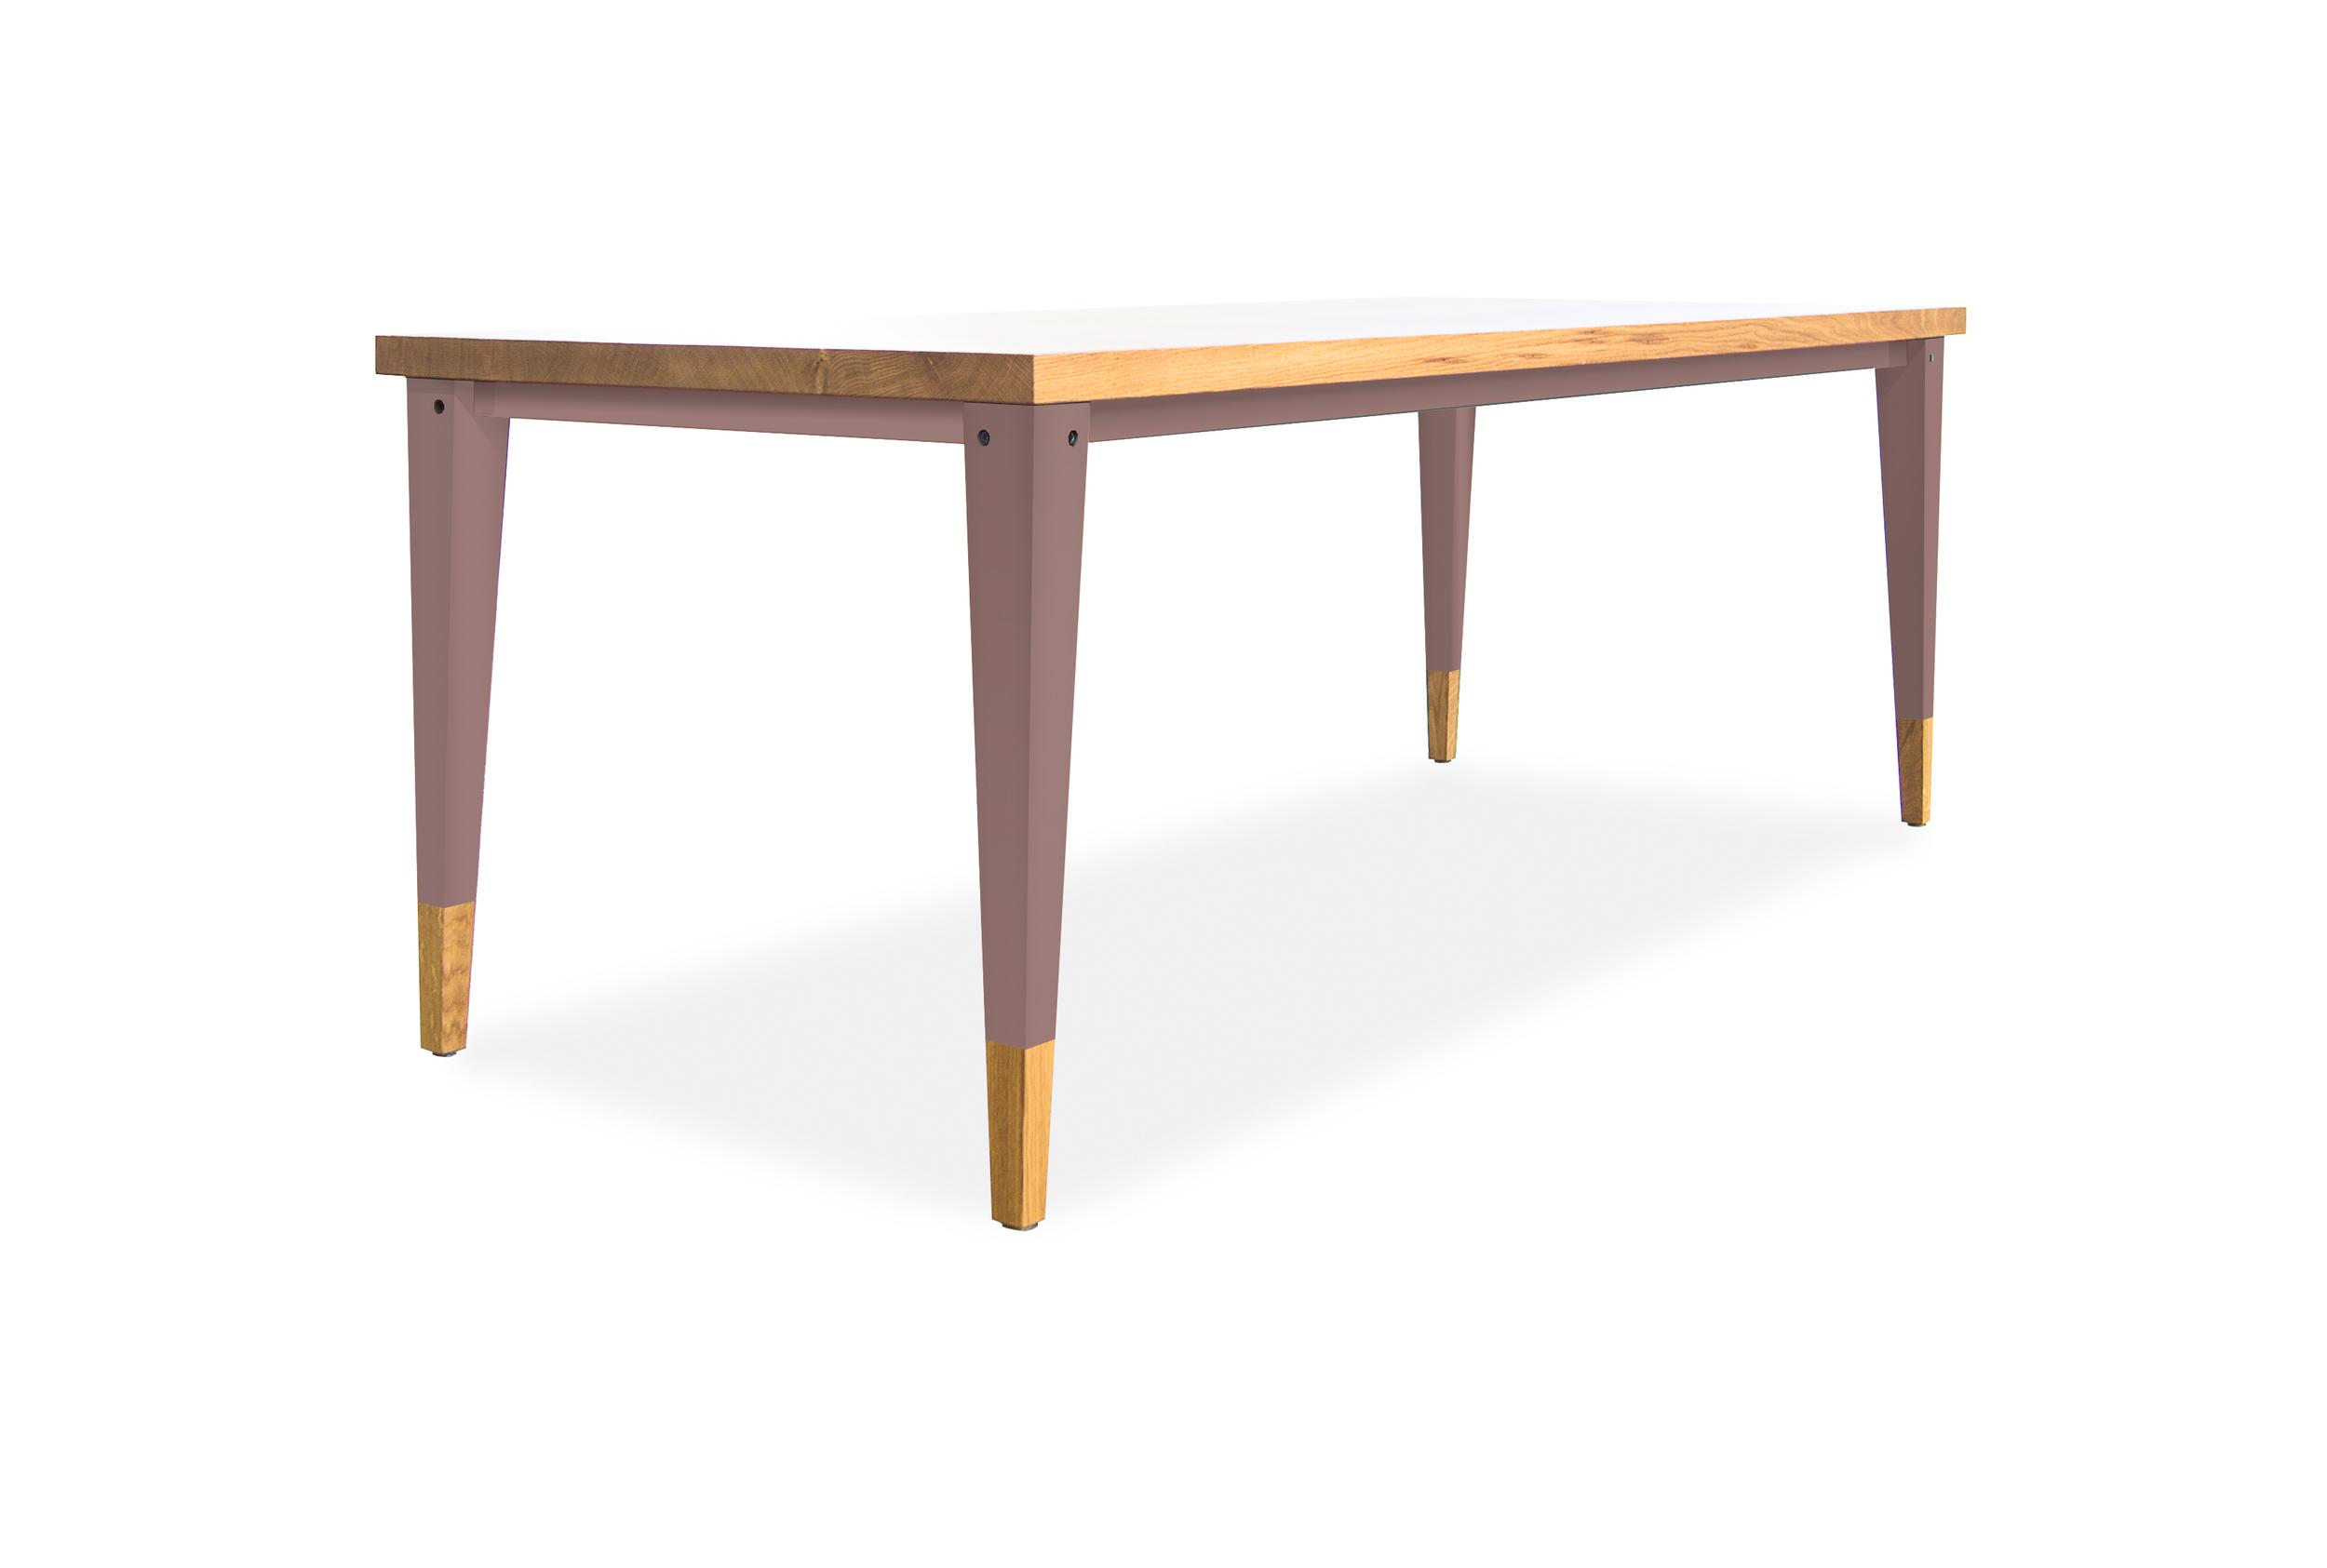 BB Tisch Bein ganz + Zarge 7005 .jpg